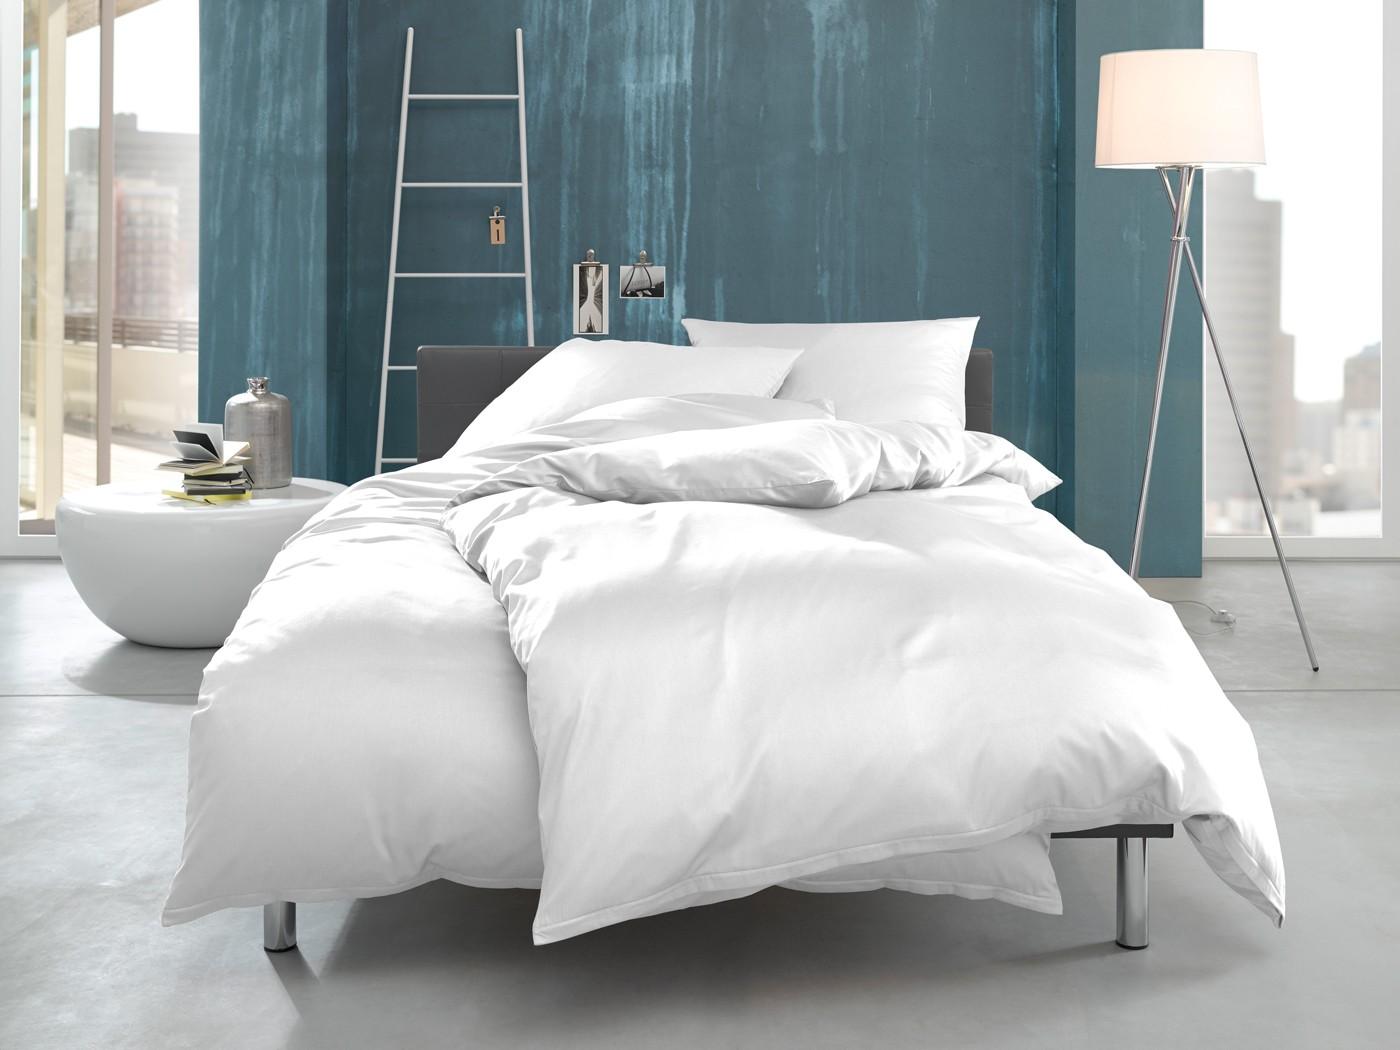 bettw sche 200 200 wei uni my blog. Black Bedroom Furniture Sets. Home Design Ideas